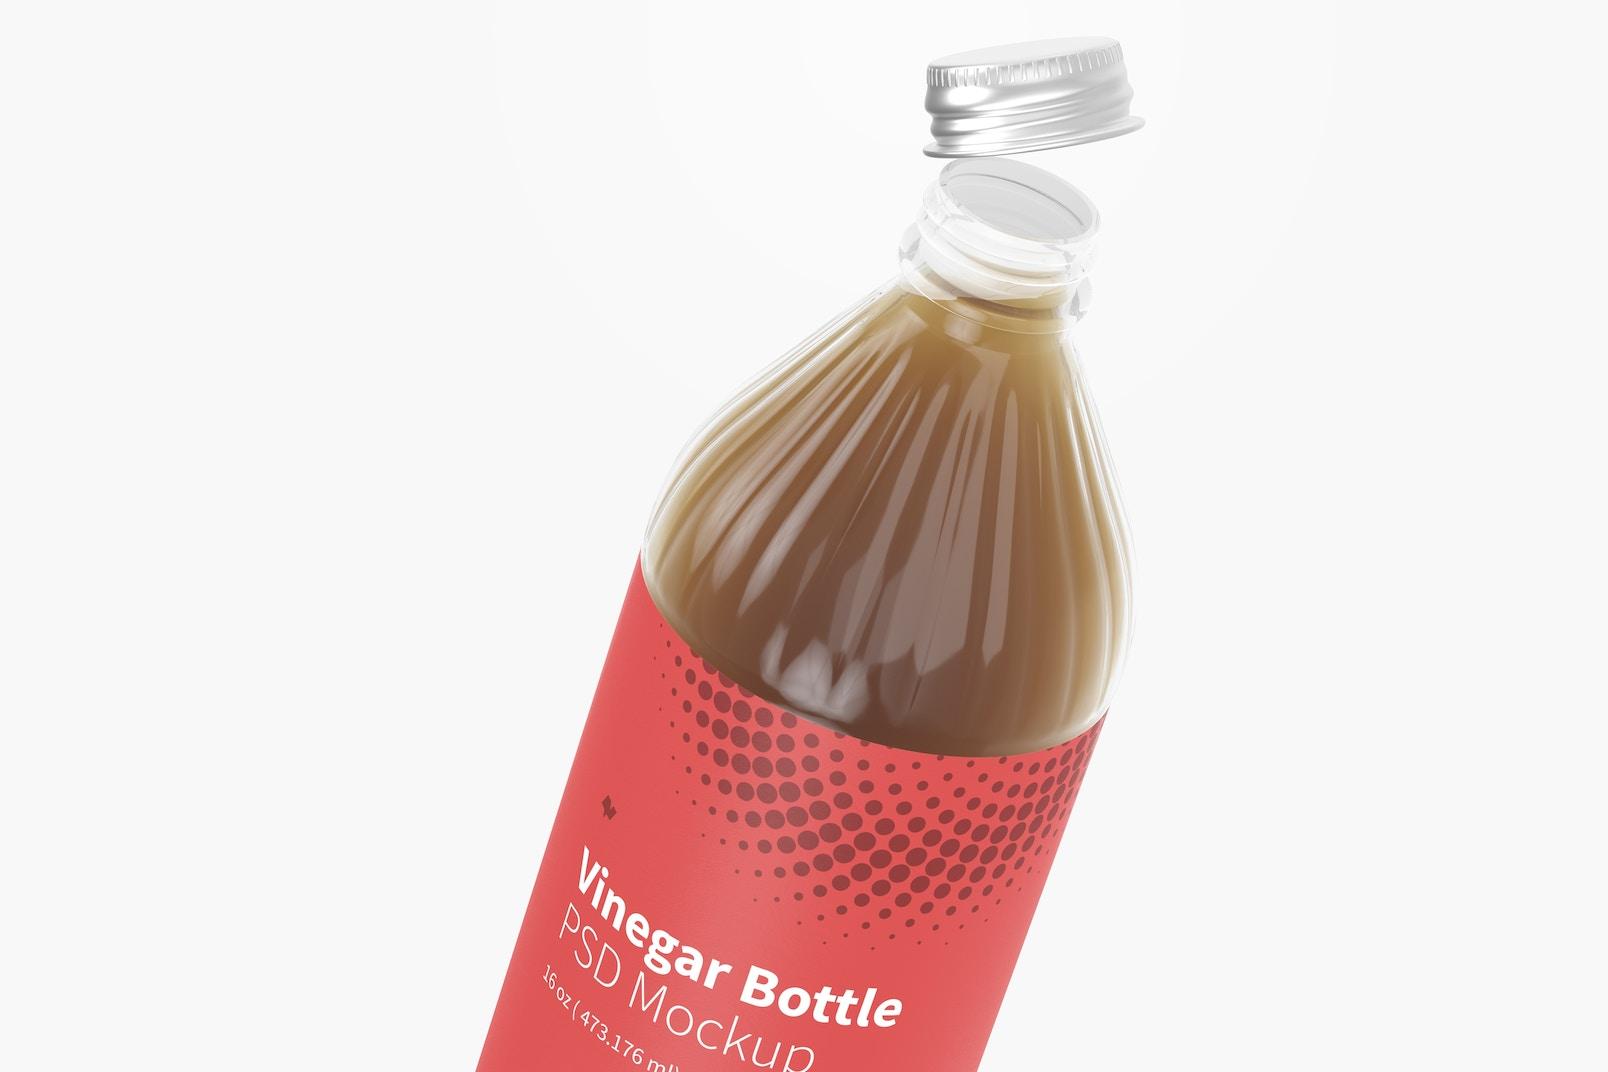 16 oz Glass Vinegar Bottle Mockup, Close Up